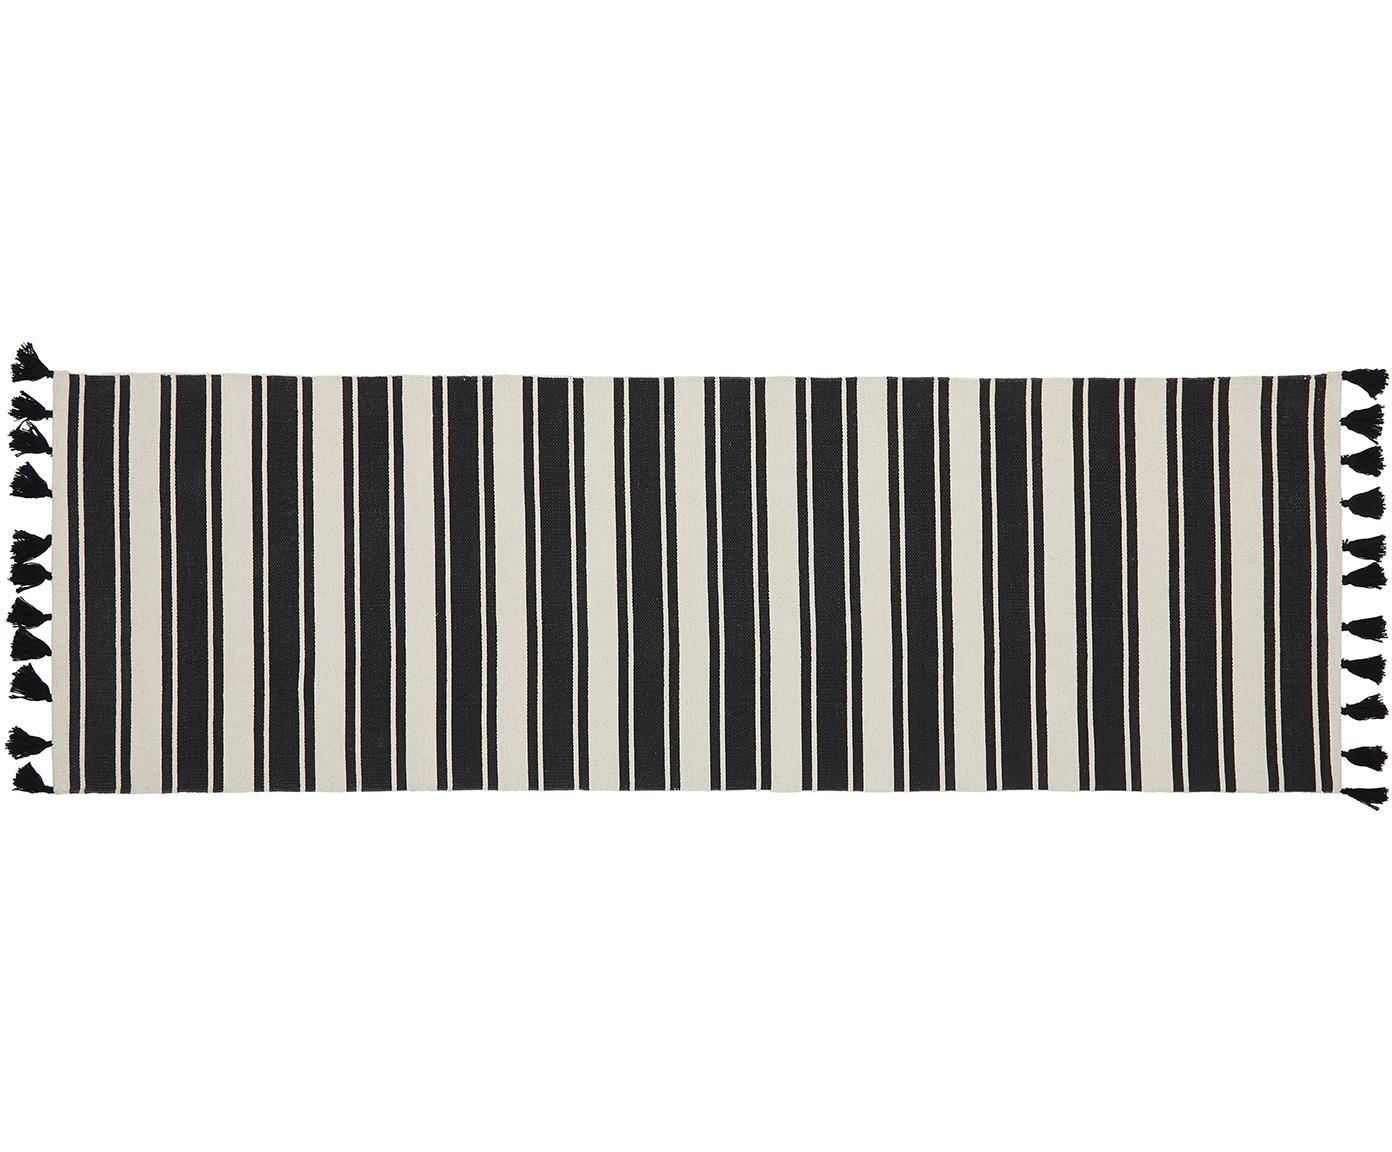 Alfombra de algodón artesanal a rayas Vigga, Negro, beige, An 80 x L 250 cm